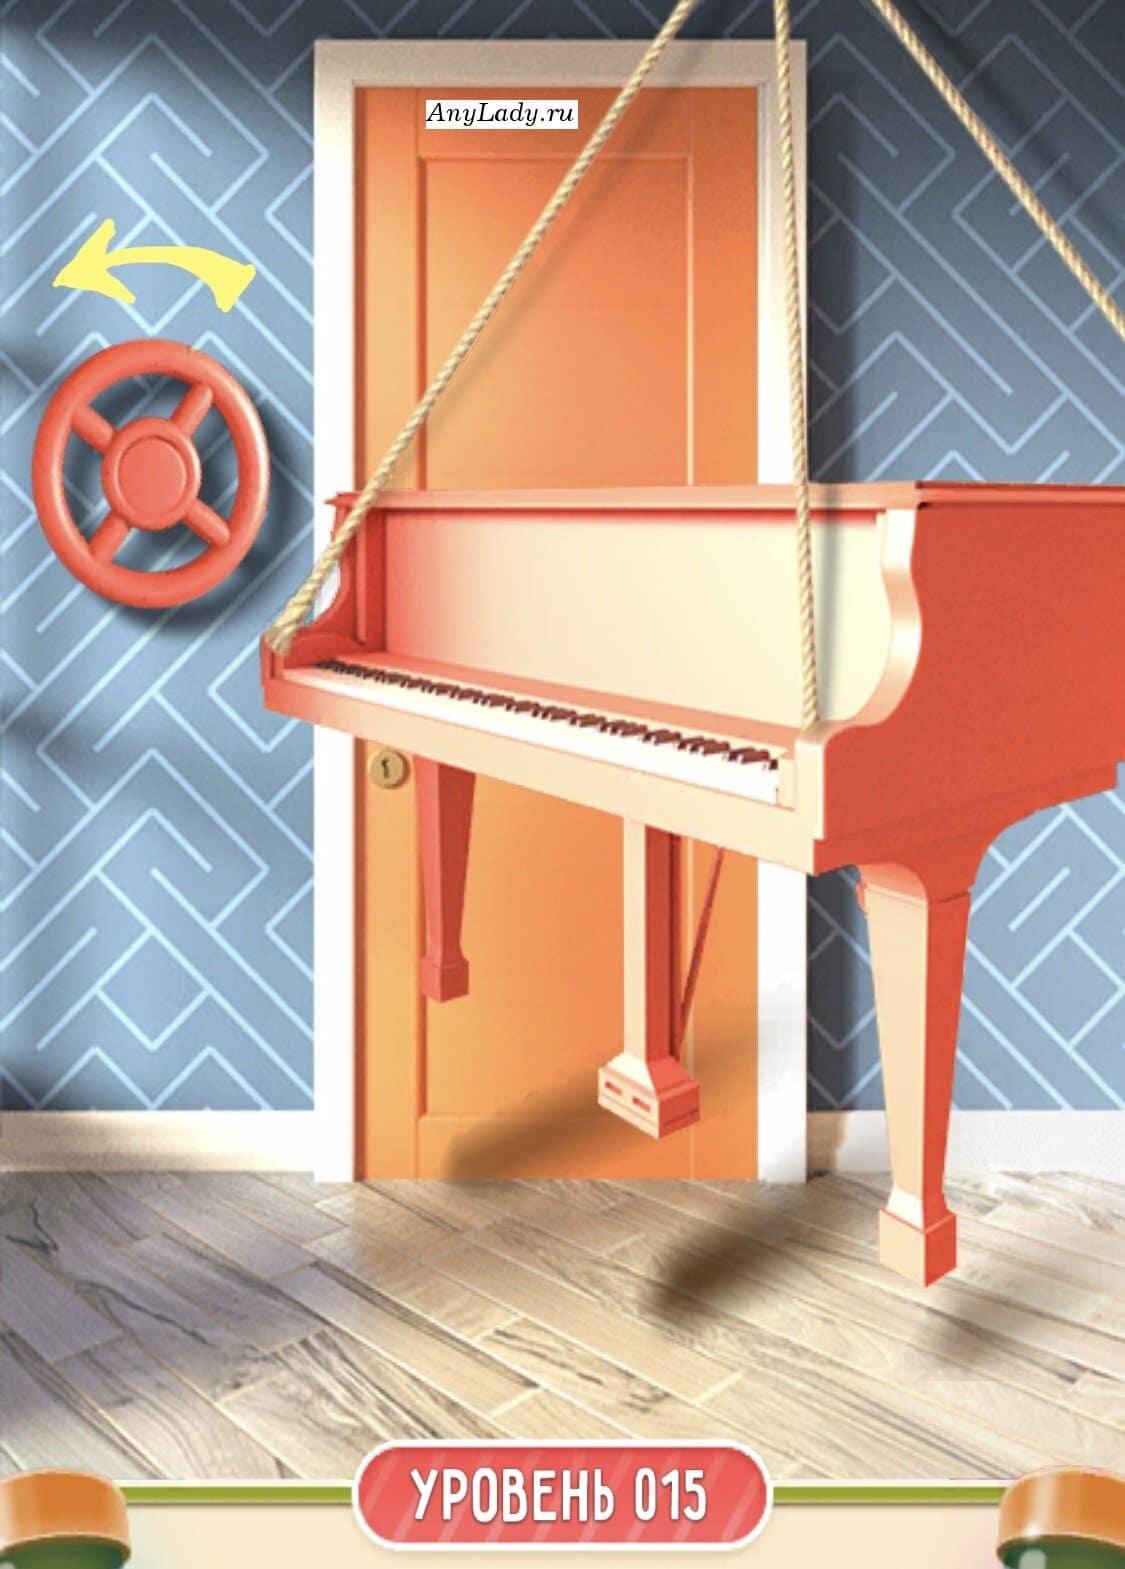 Прокрутите красный винт в левую сторону и рояль поднимется вверх, далее просто откройте дверь.